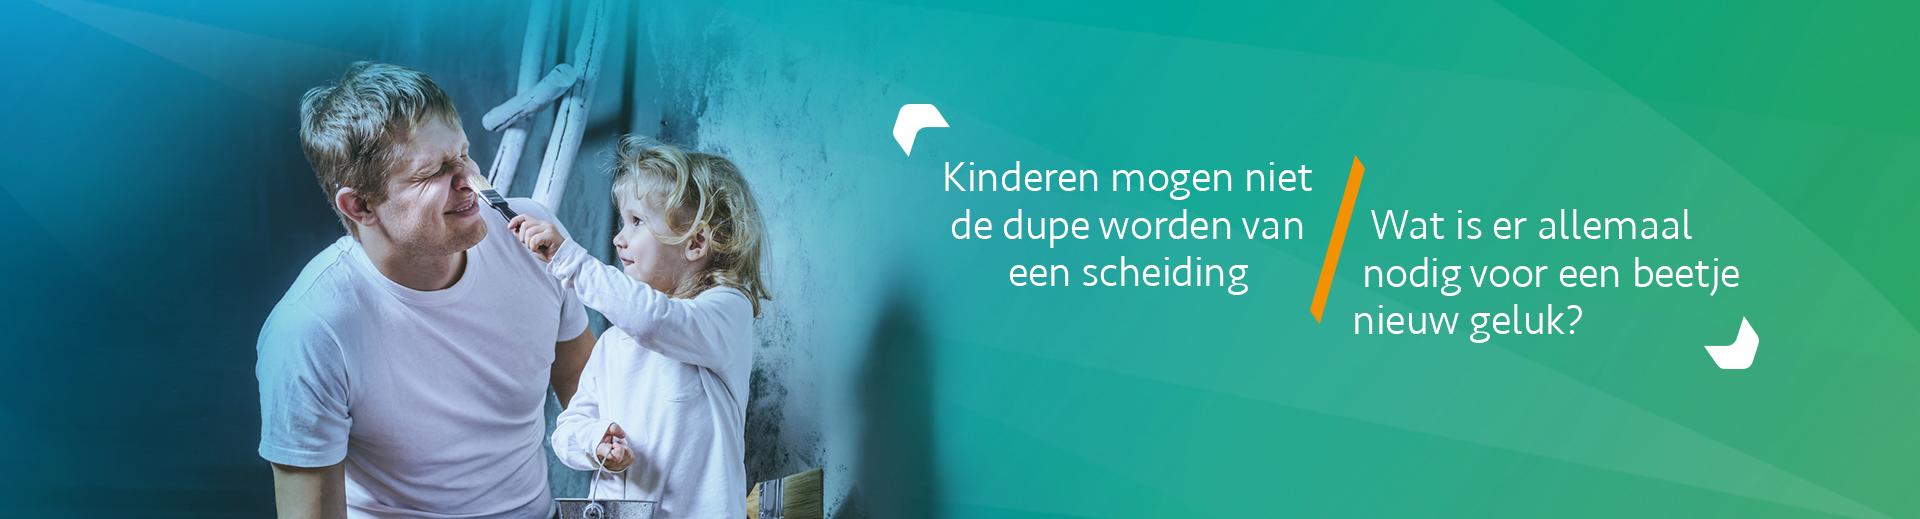 Kinderen en scheiden - Scheidingsplanner Hoofddorp - Badhoevedorp - Nieuw Vennep